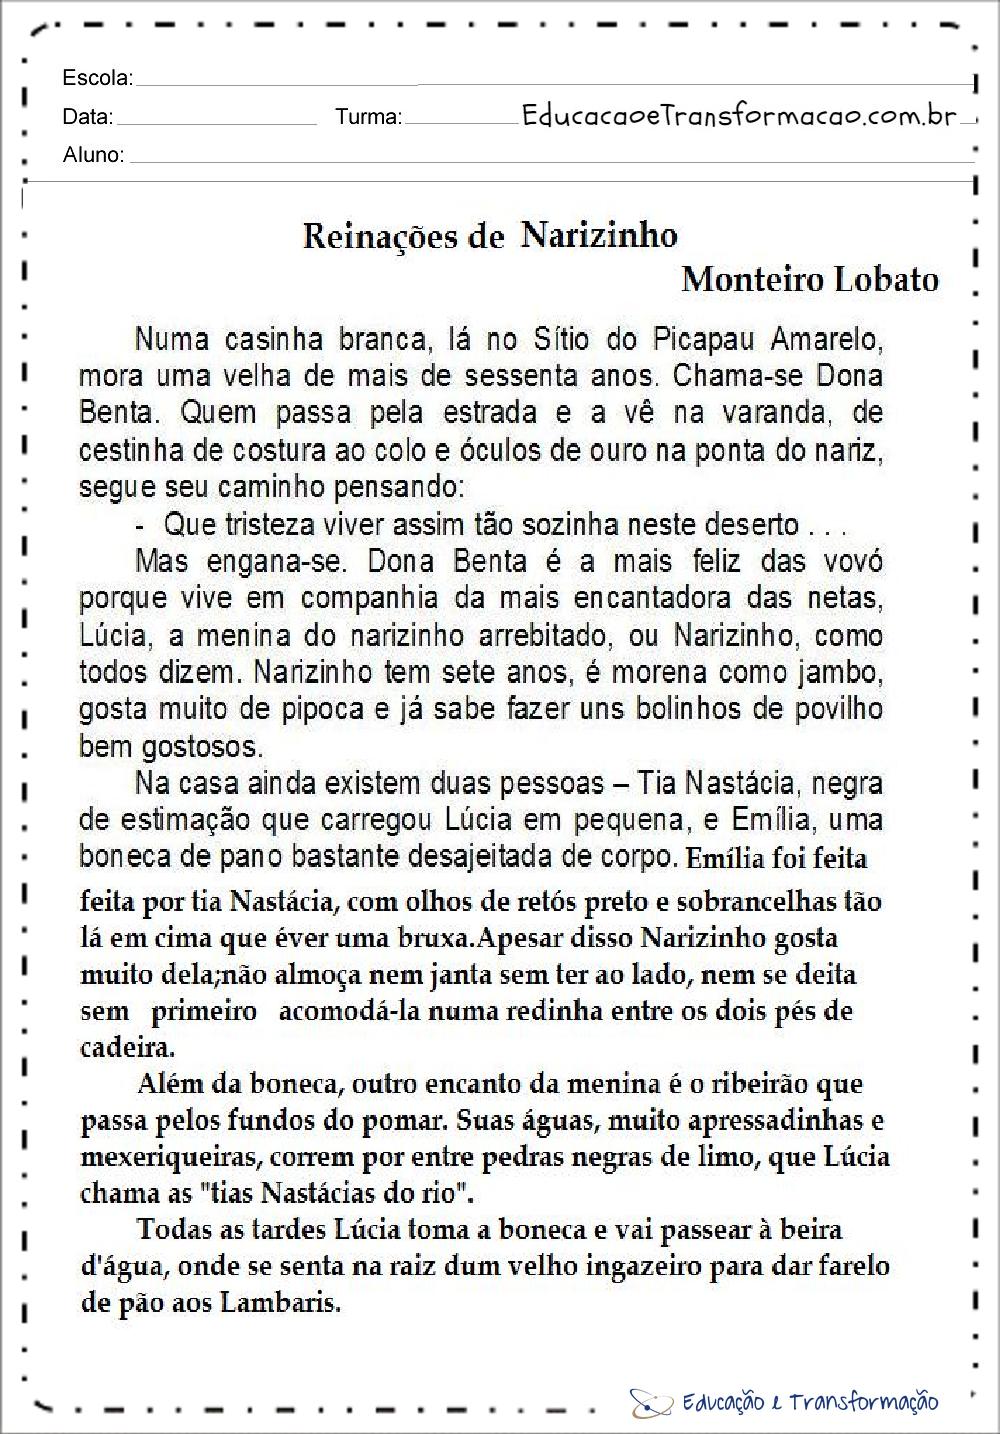 Atividades de Interpretação de Texto Dia do Livro: Reinações de Narizinho